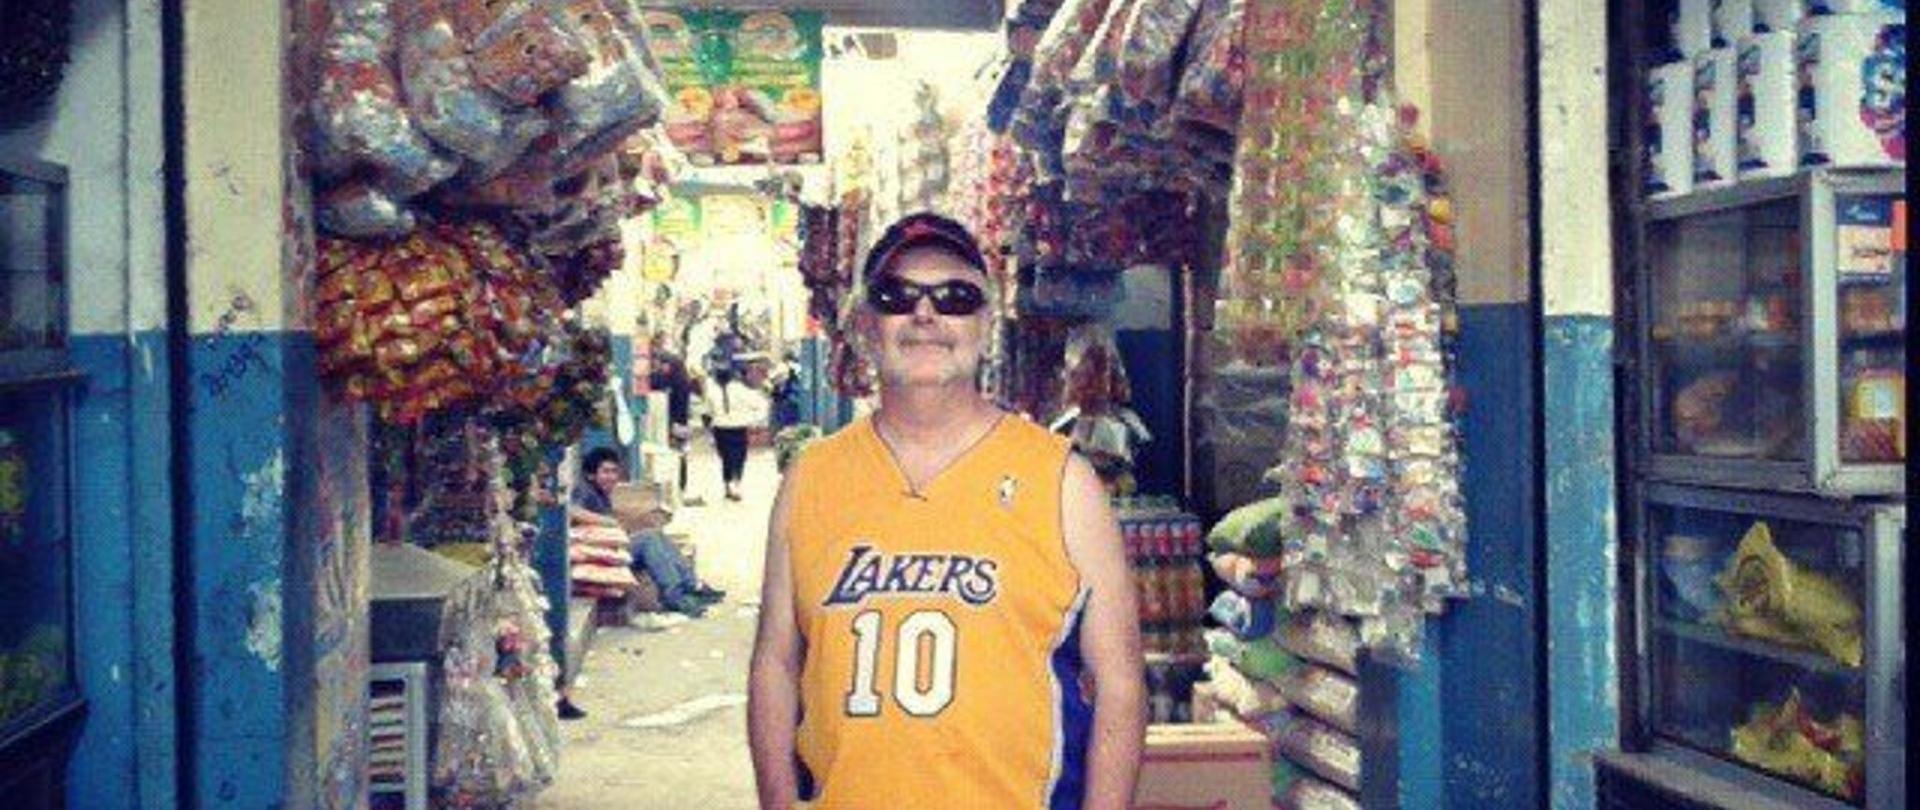 John_visitando_el_mercado